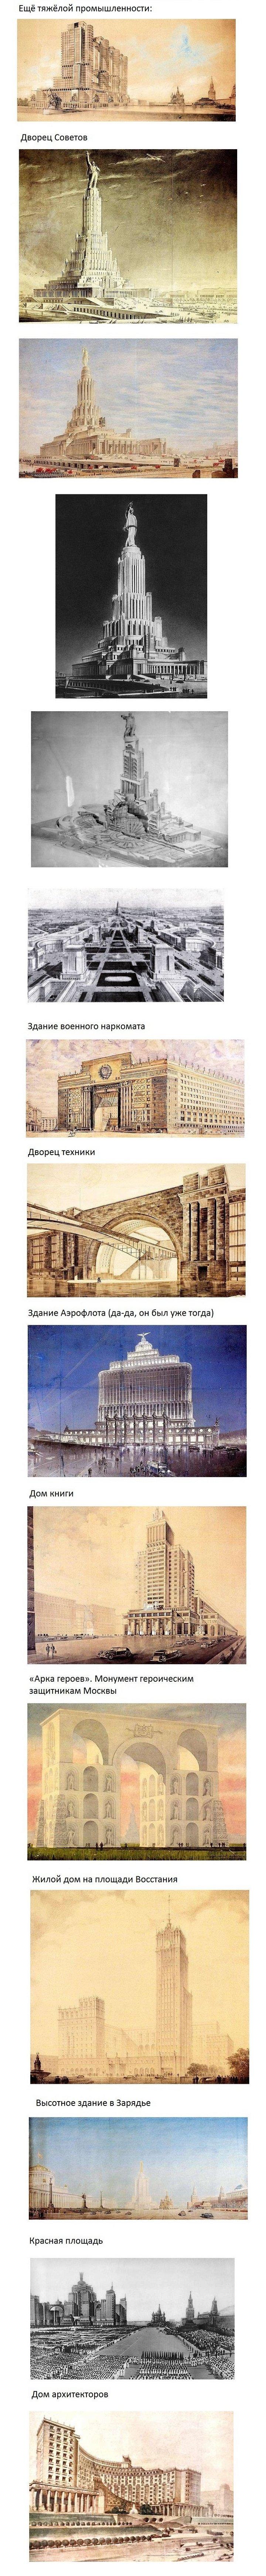 Нереализованные проекты сталинской эпохи, Не построенные здания в СССР, сталинские архитектурные сооружения (2)